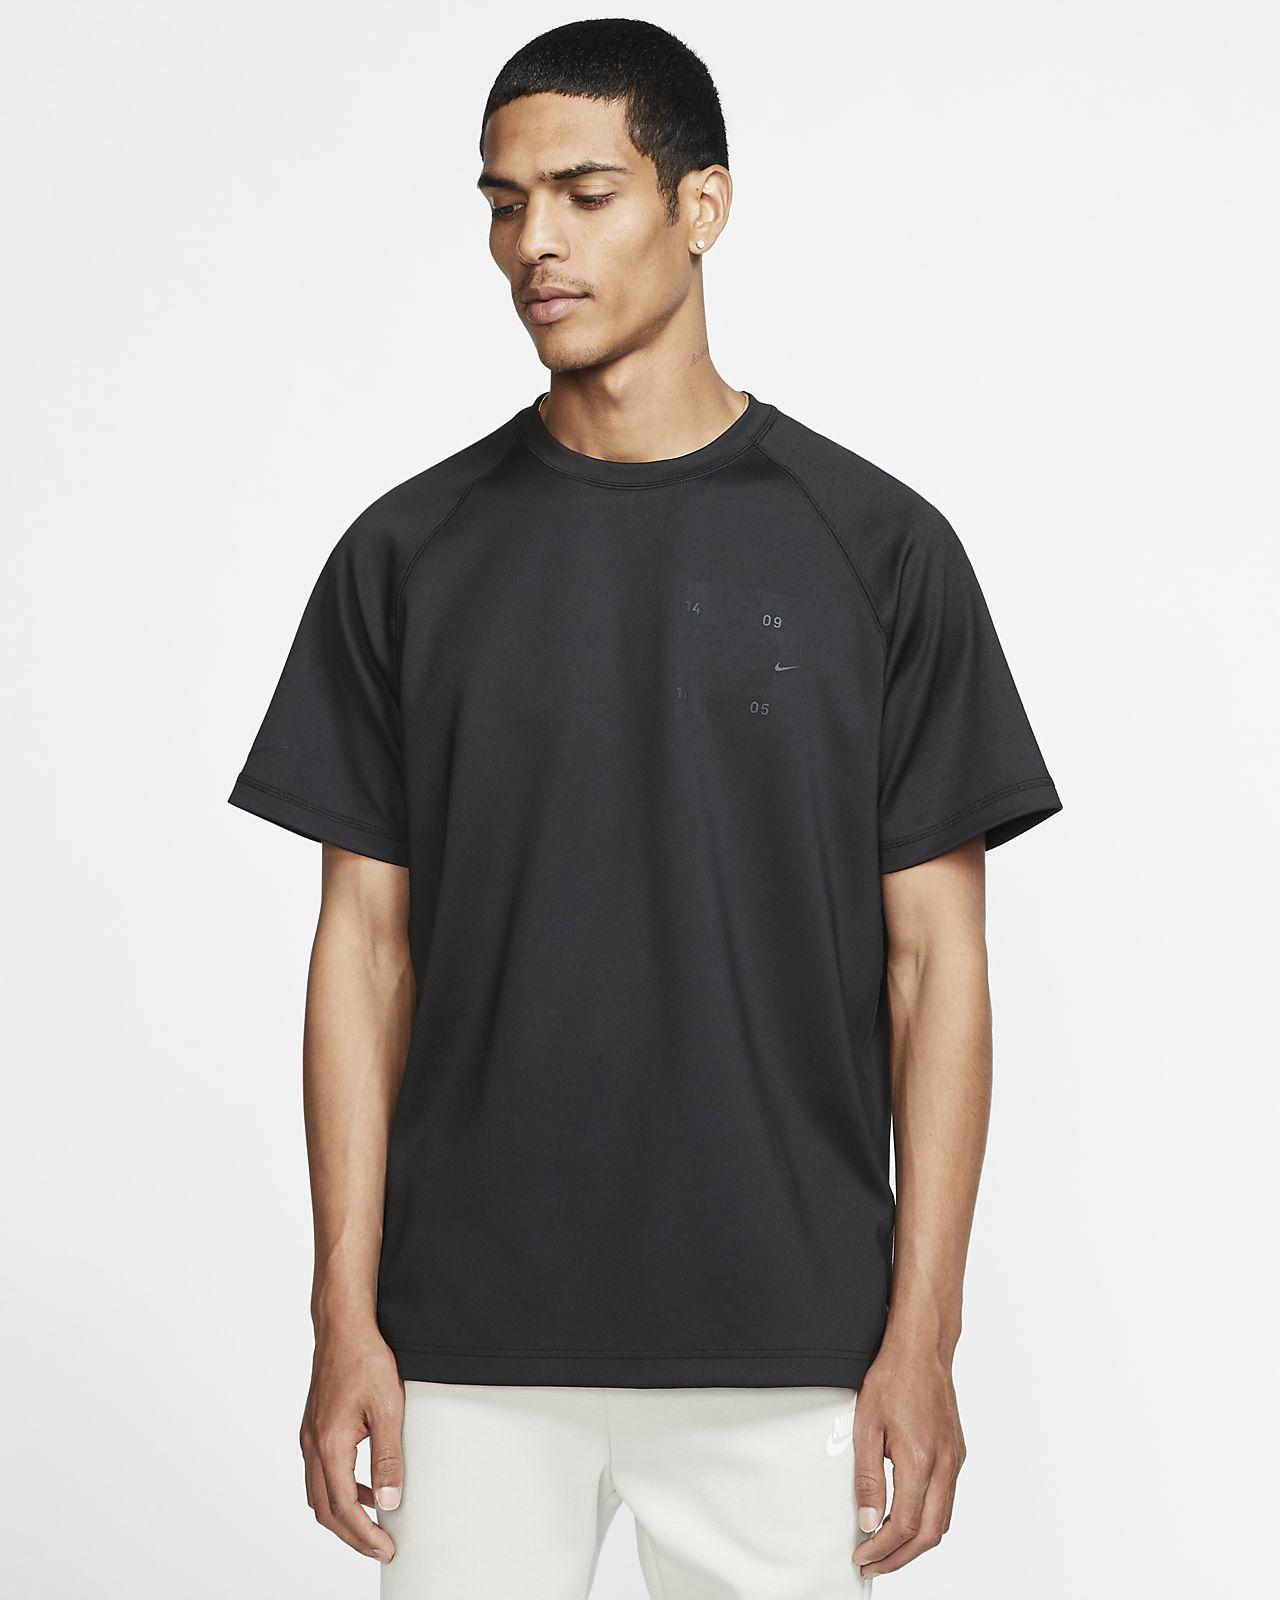 731f0aaa8075 Nike Sportswear Tech Pack Men's Short-Sleeve Top. Nike.com